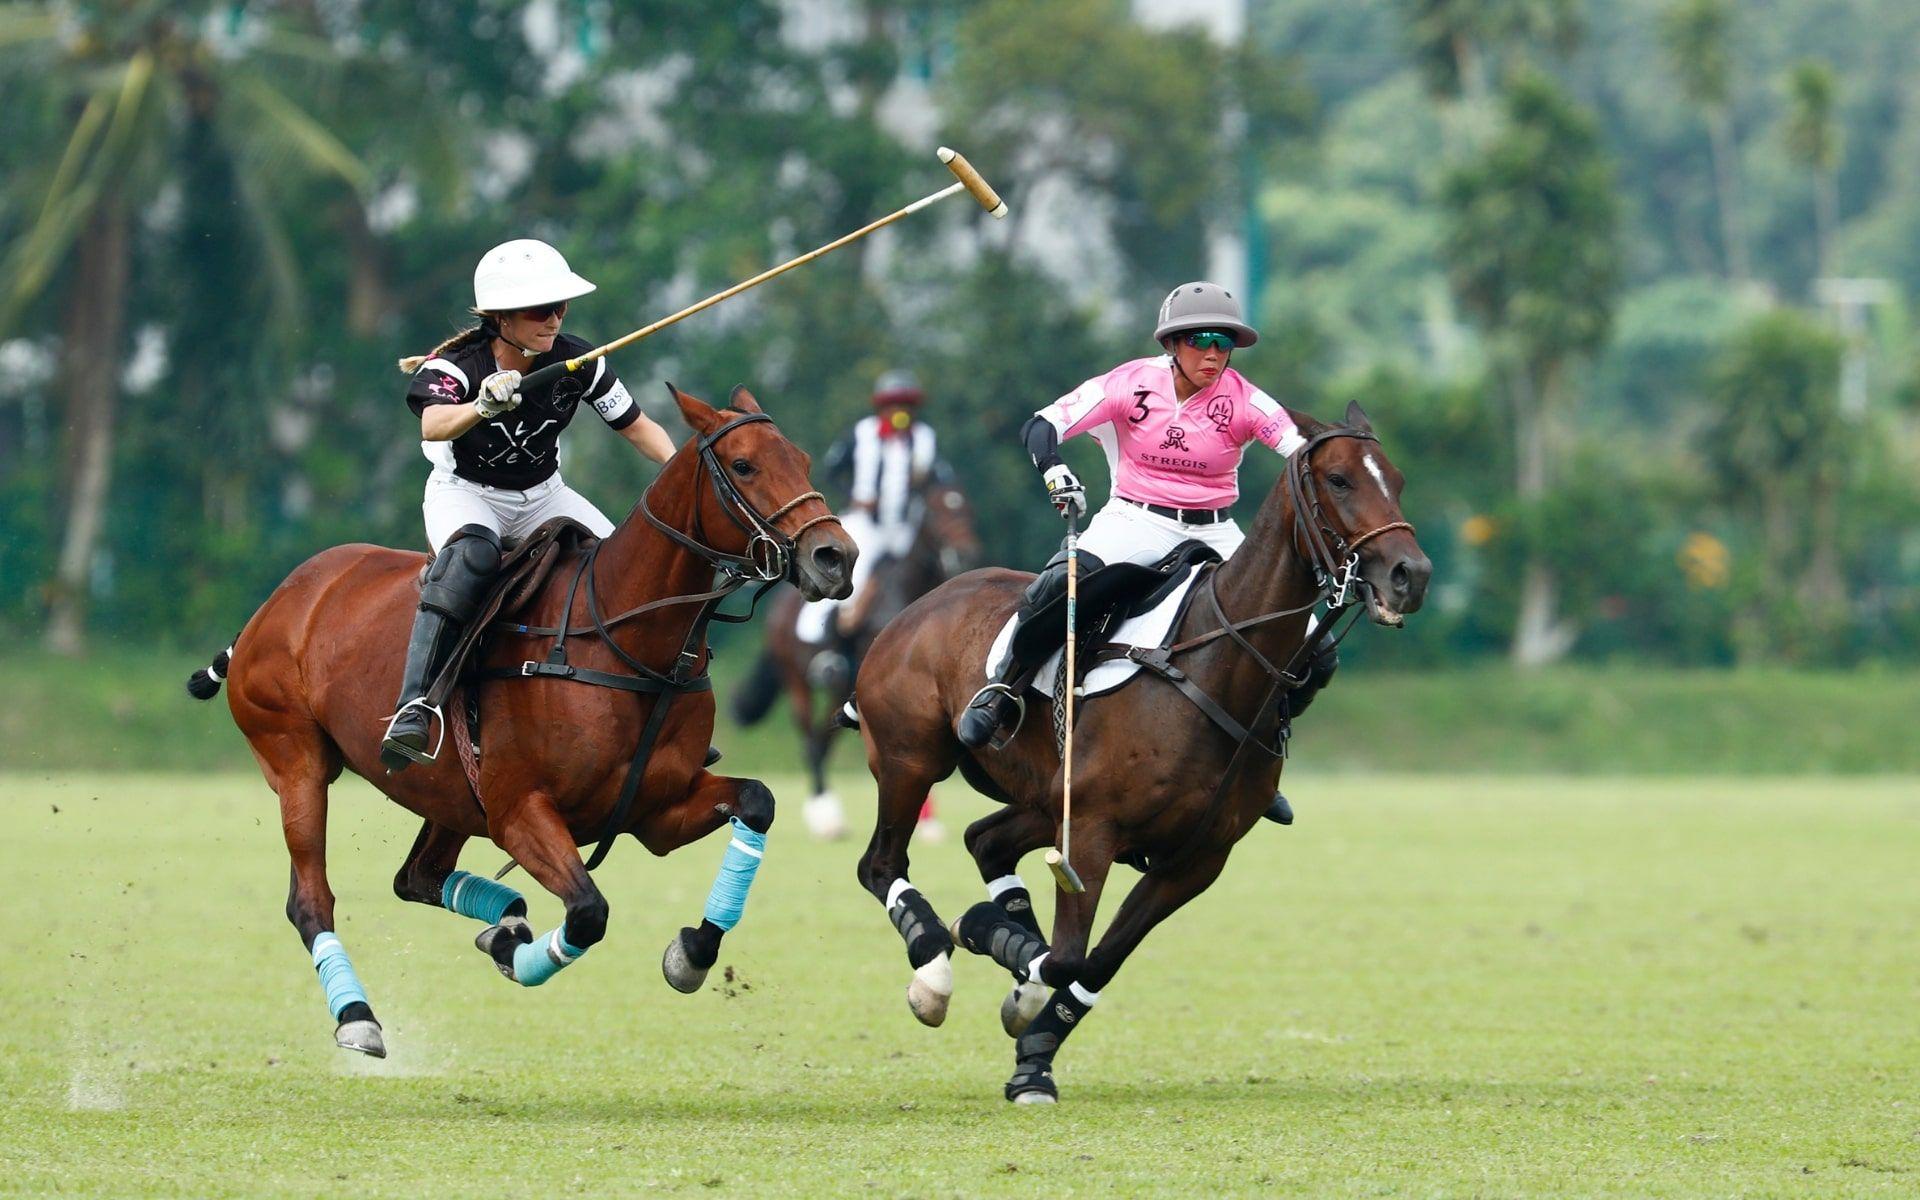 Lia Salvo of Le Tu Polo Team vs Princess Azemah Ni'matul Bolkiah of The St Regis Polo Team